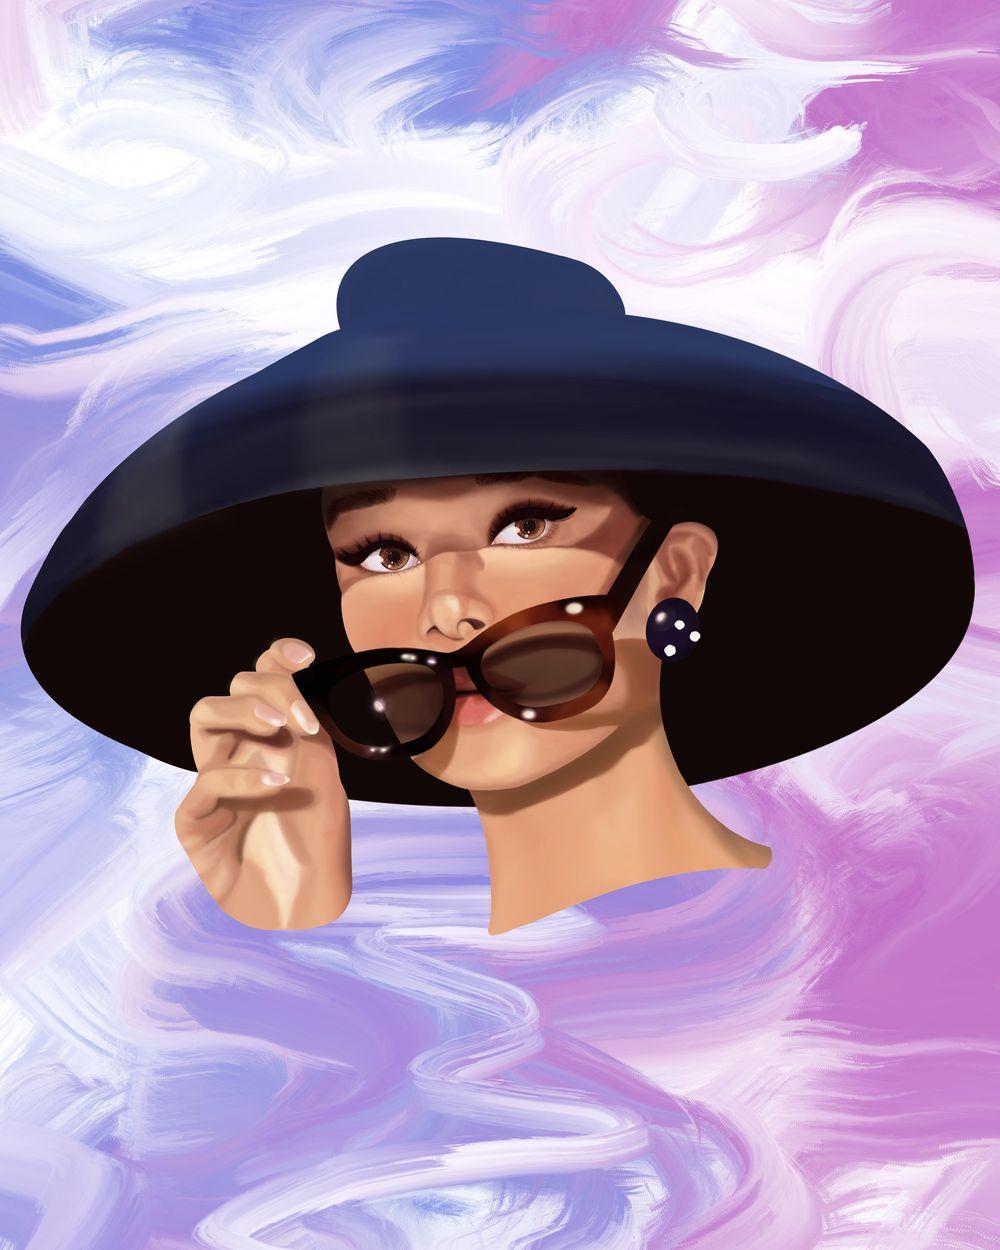 Audrey Hepburn Portrait - image 2 - student project